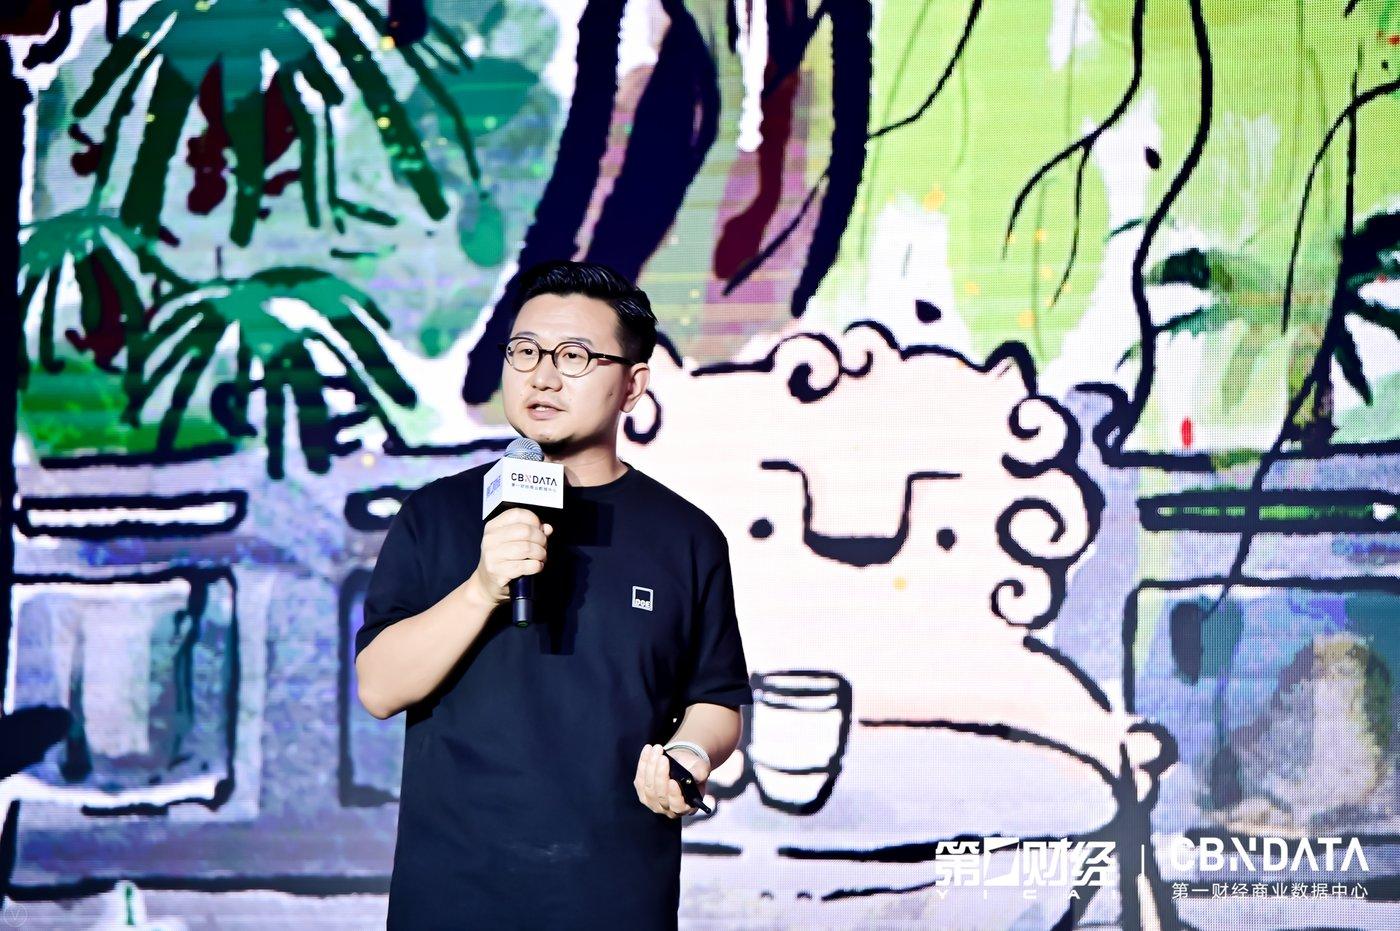 永璞咖啡创始人兼CEO 铁皮叔叔